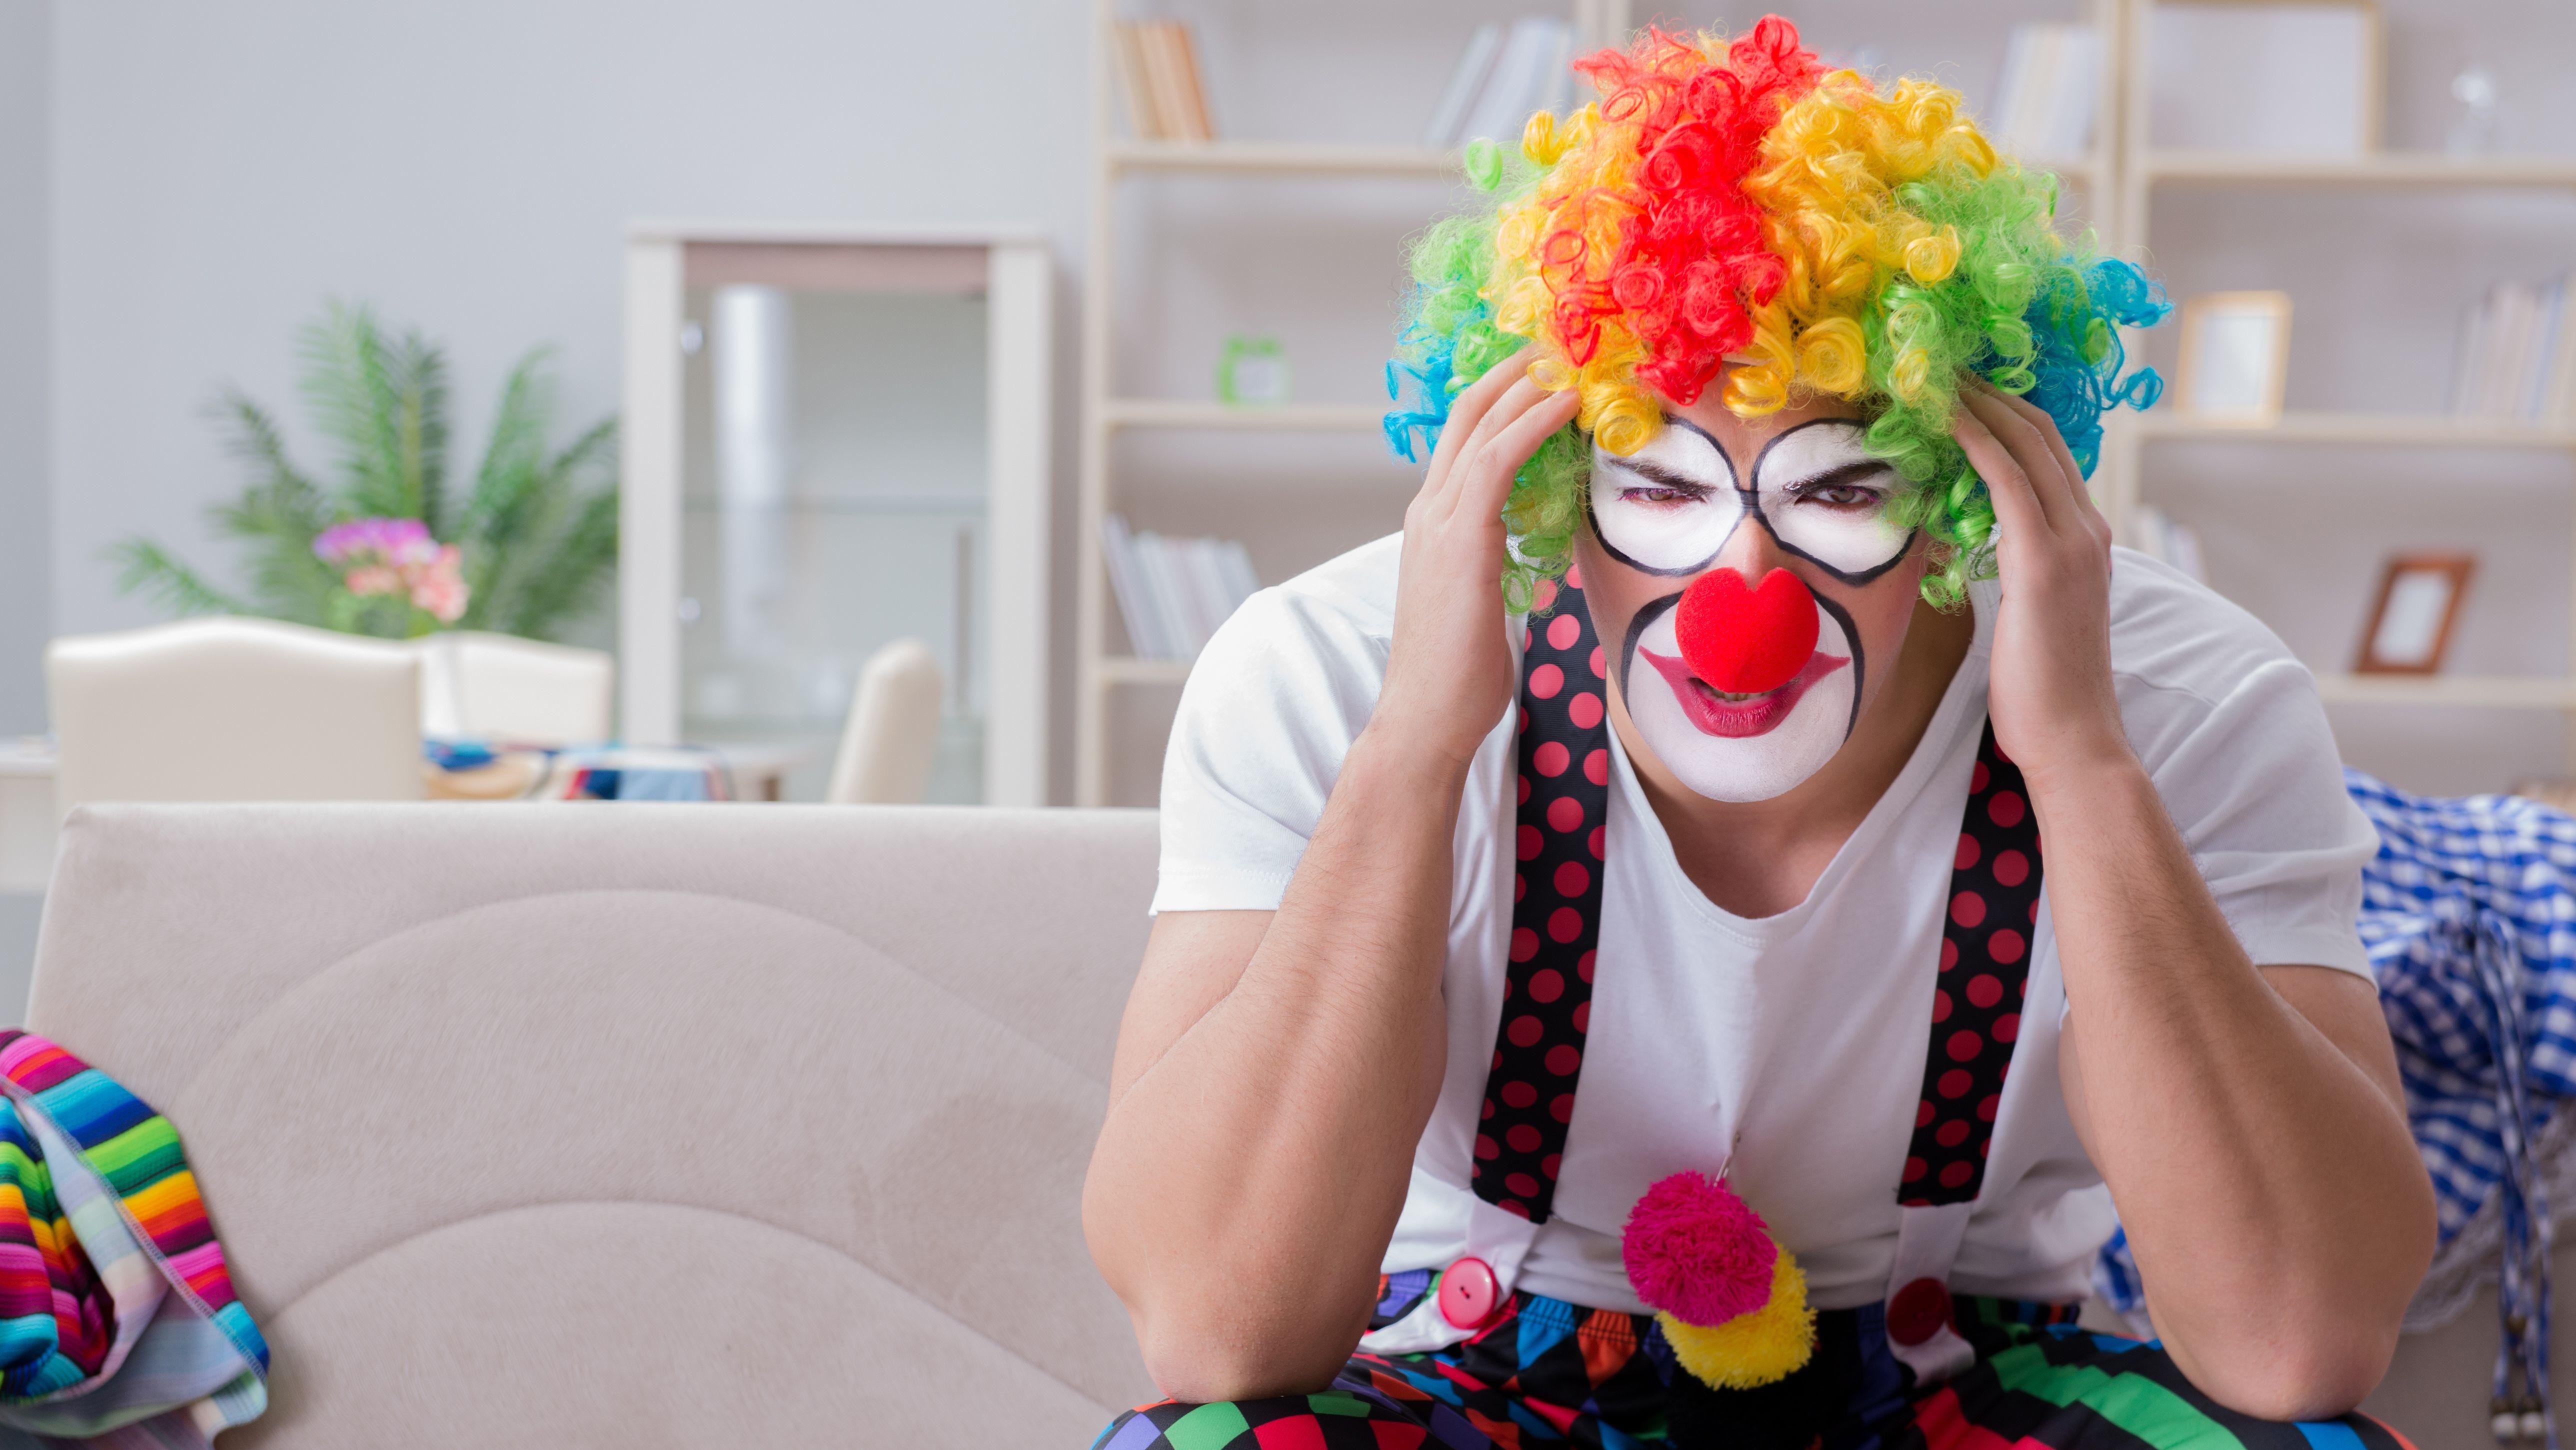 Clown sitzt auf einem Sofa und hält sich schmerzverzerrt den Kopf